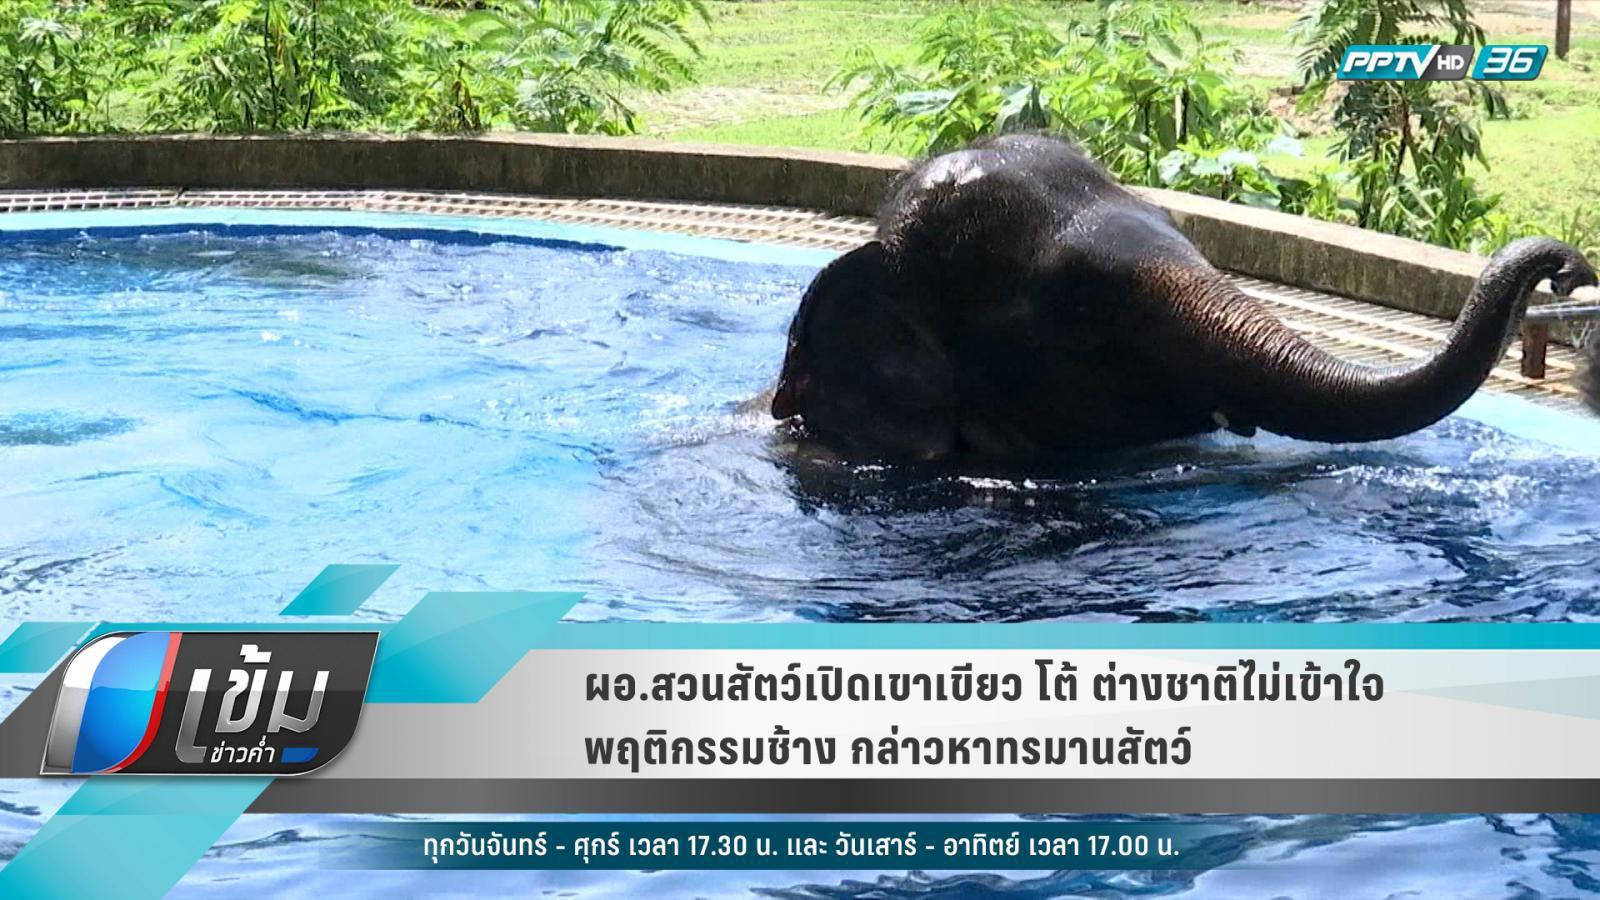 ผอ.สวนสัตว์เปิดเขาเขียว โต้ ต่างชาติไม่เข้าใจพฤติกรรมช้าง กล่าวหาทรมานสัตว์